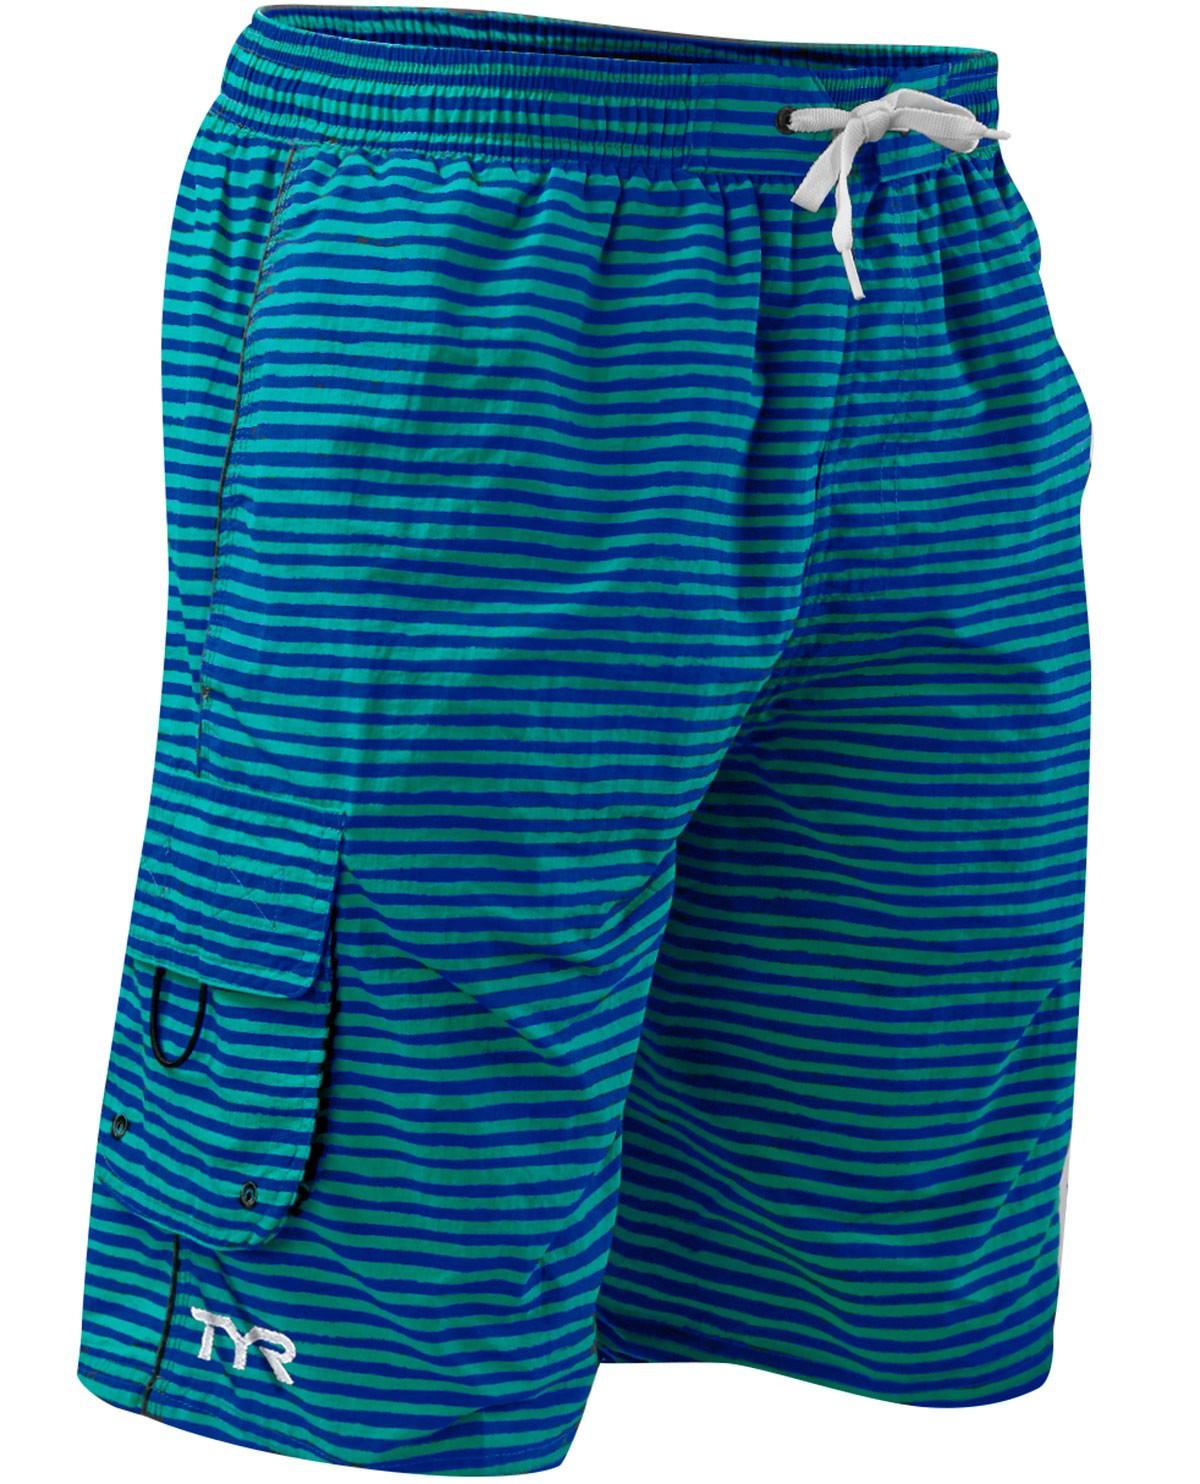 ae5ba73c13 Men's Micro Stripe Challenger Swim Short | TYR